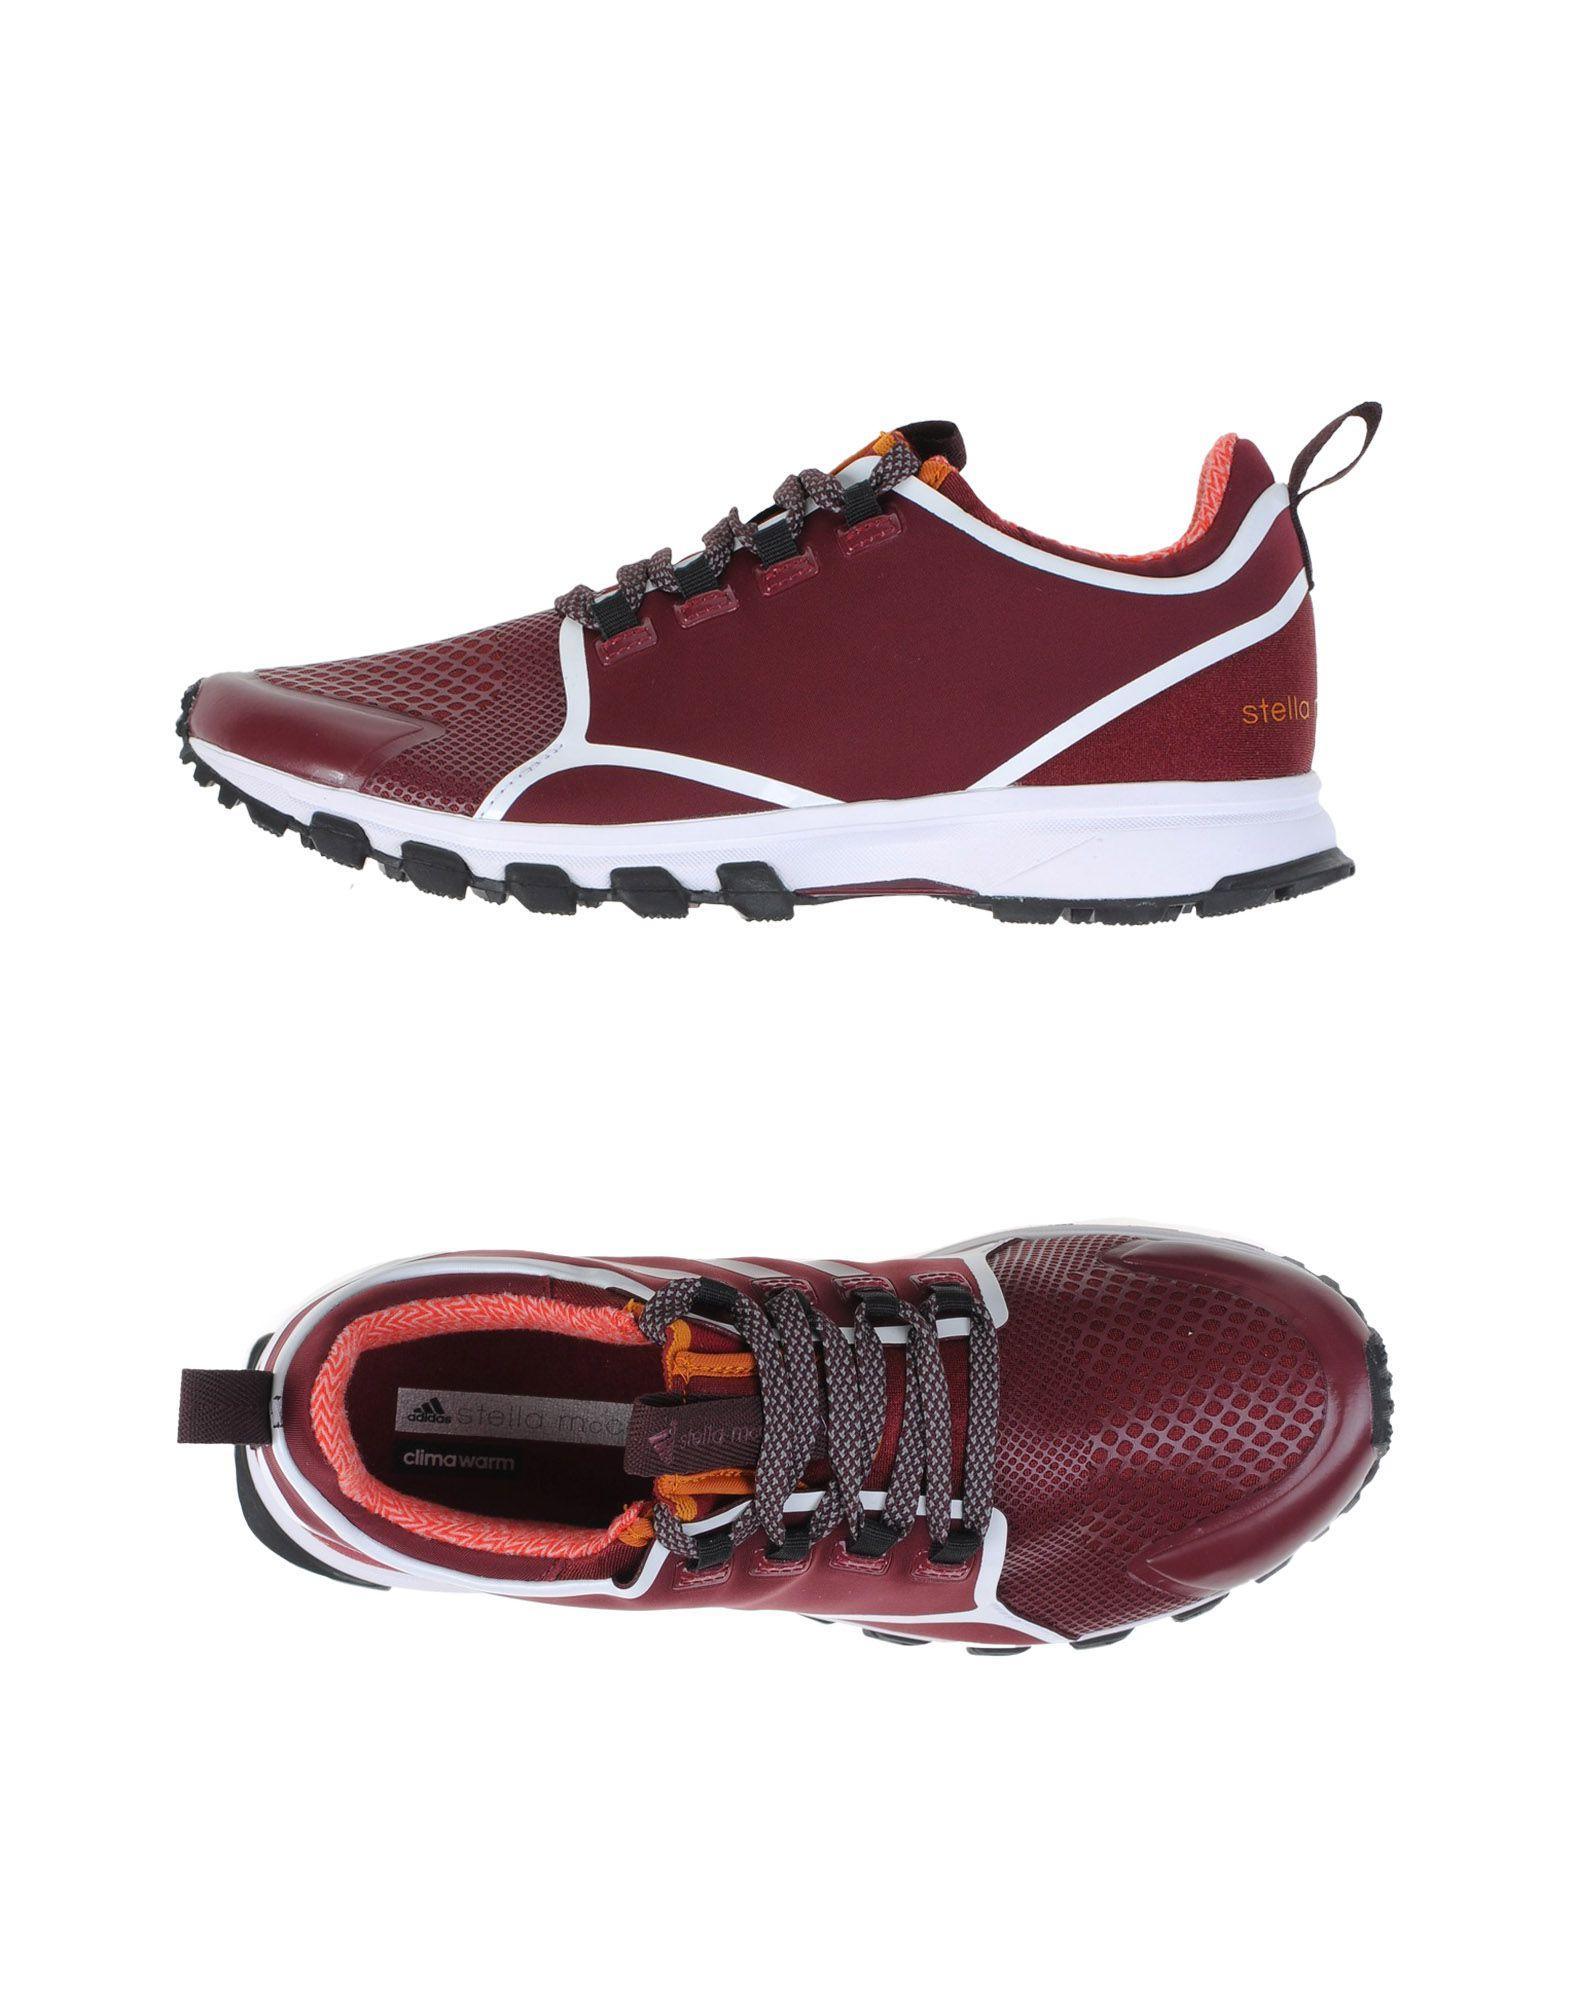 Adidas By Stella Mccartney Sneakers In Maroon